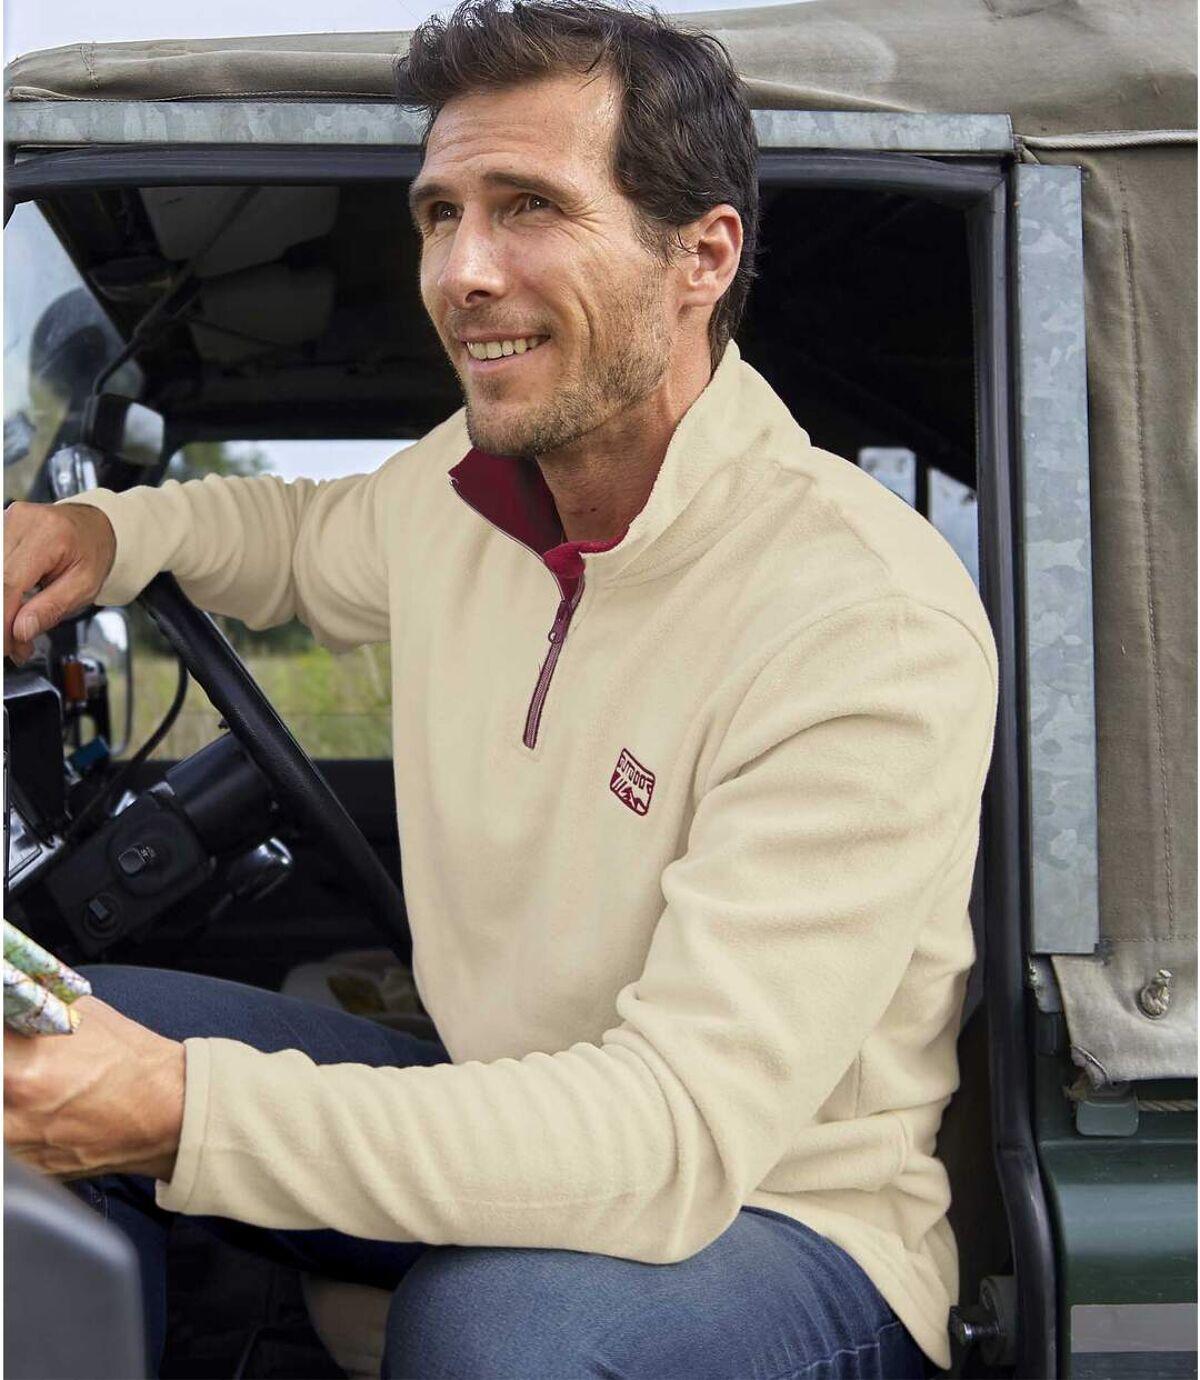 2er-Pack Microfleece-Pullover Trekking mit RV-Krag Atlas For Men